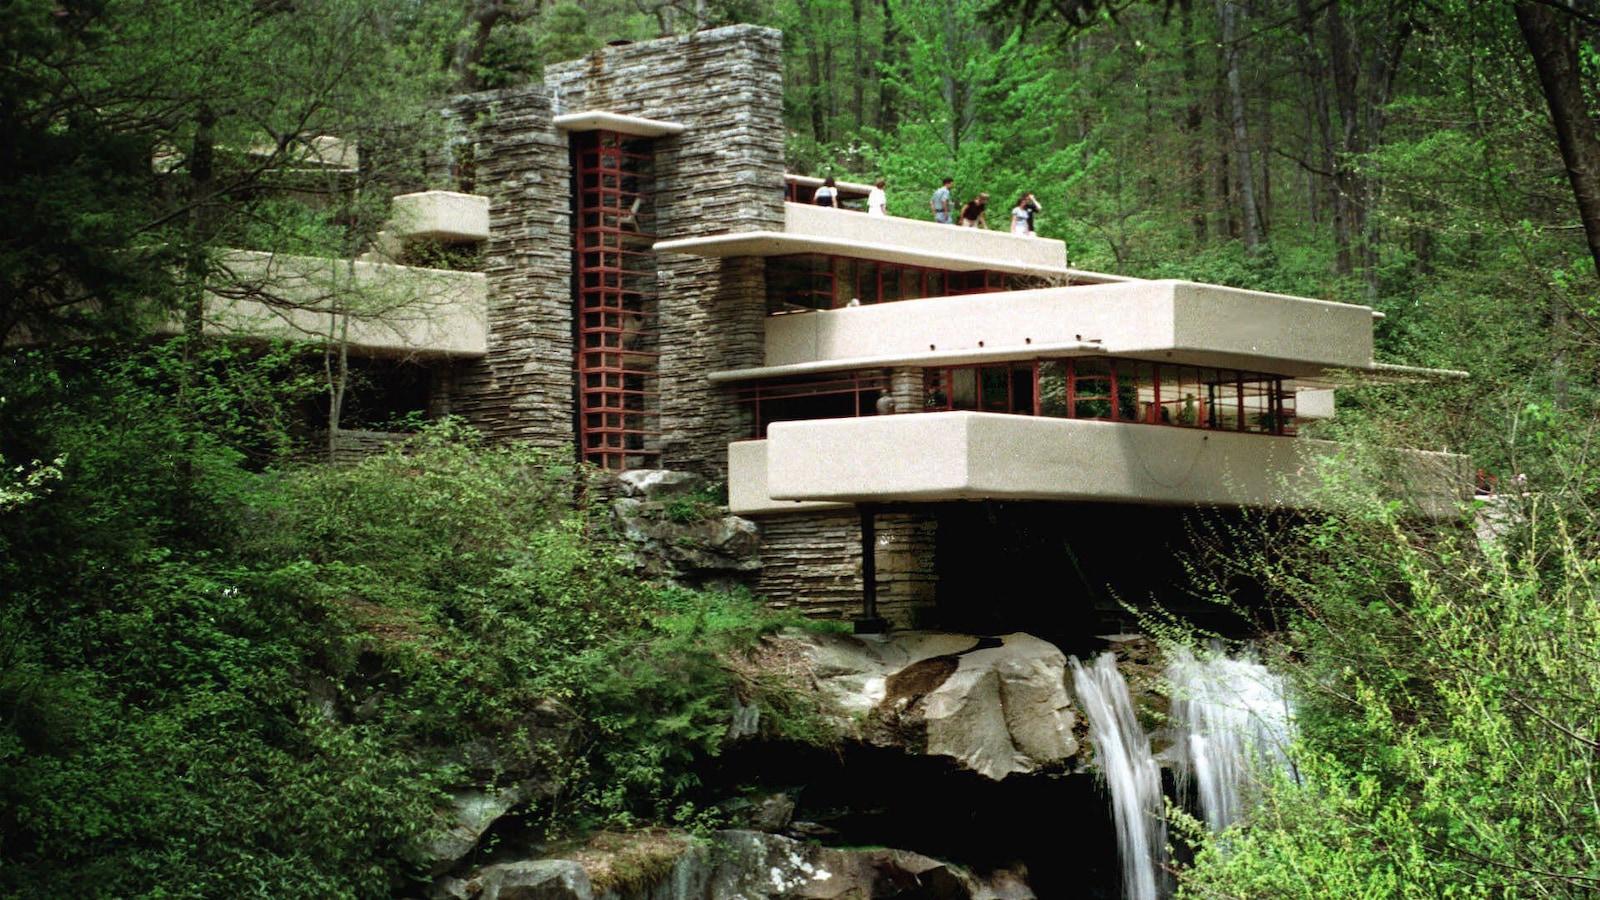 La maison sur la cascade se situe en Pennsylvanie.